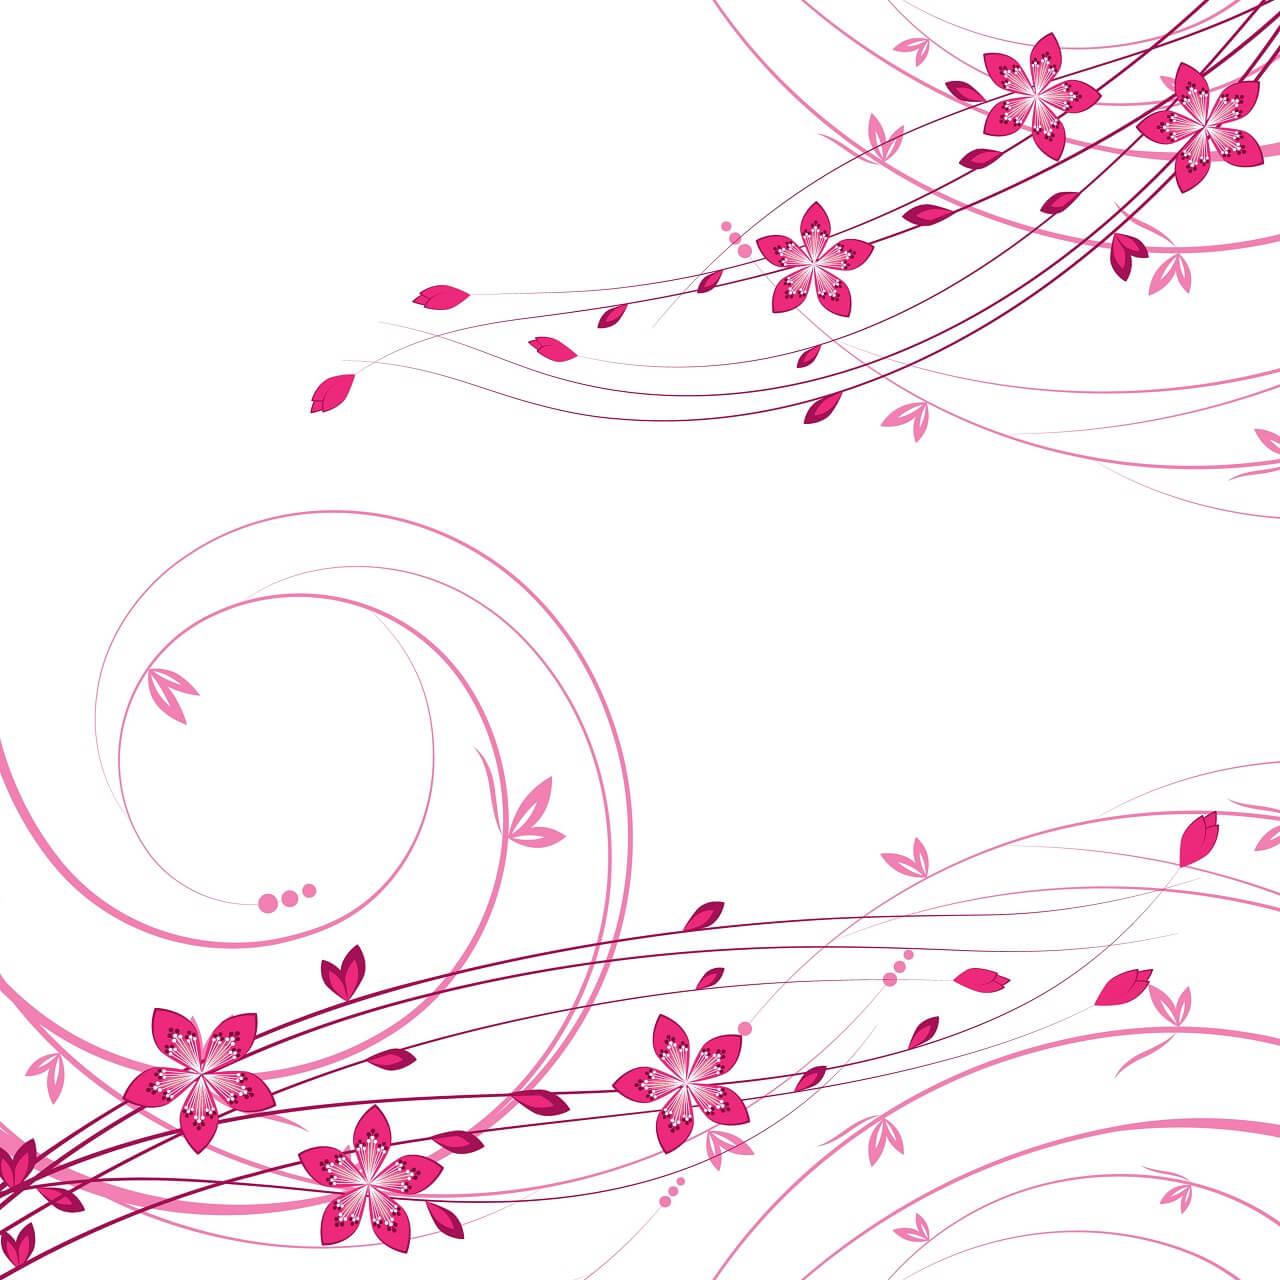 רקע עם פרחים